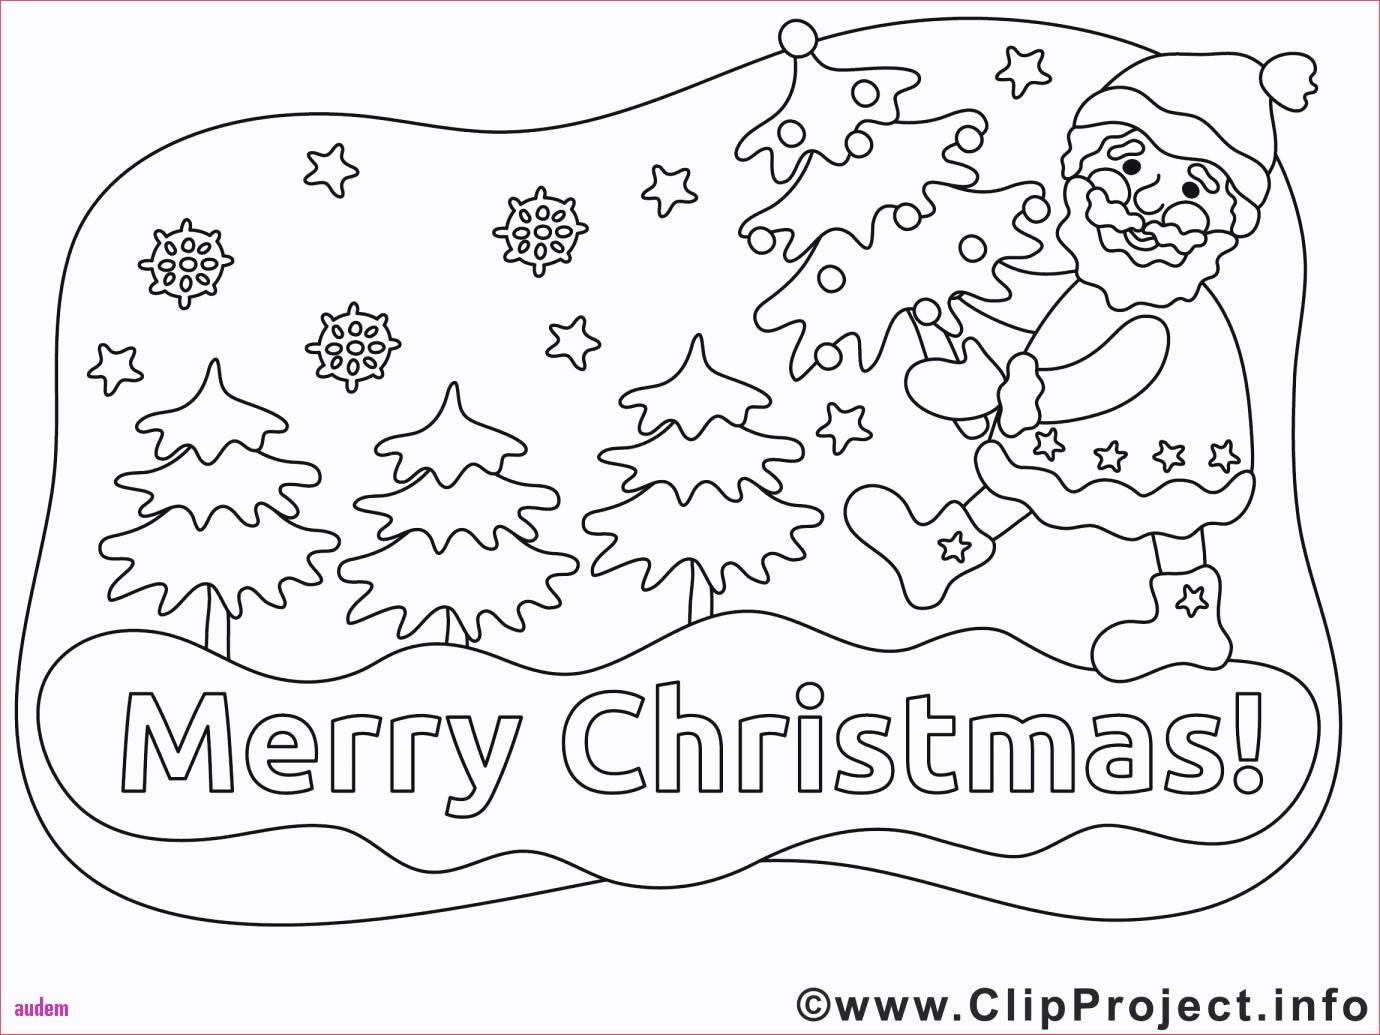 Ausmalbilder Für Kleinkinder Weihnachten Das Beste Von 47 Inspiration Von Ausmalbilder Für Kleinkinder Zum Galerie